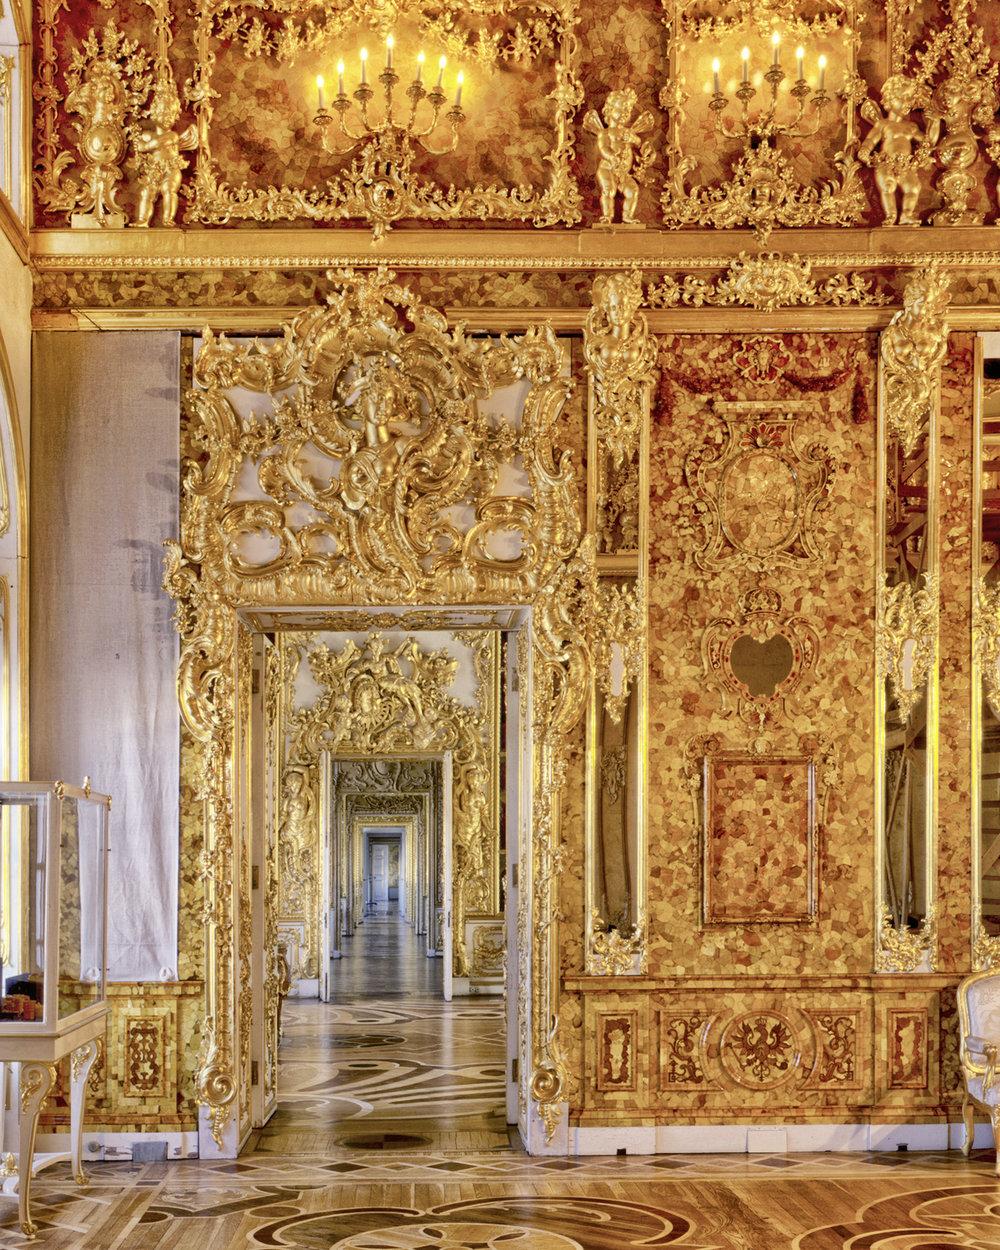 Amber Room, Catherine Palace - Tsarskoïé Selo (Pouchkine), Russia (1995)